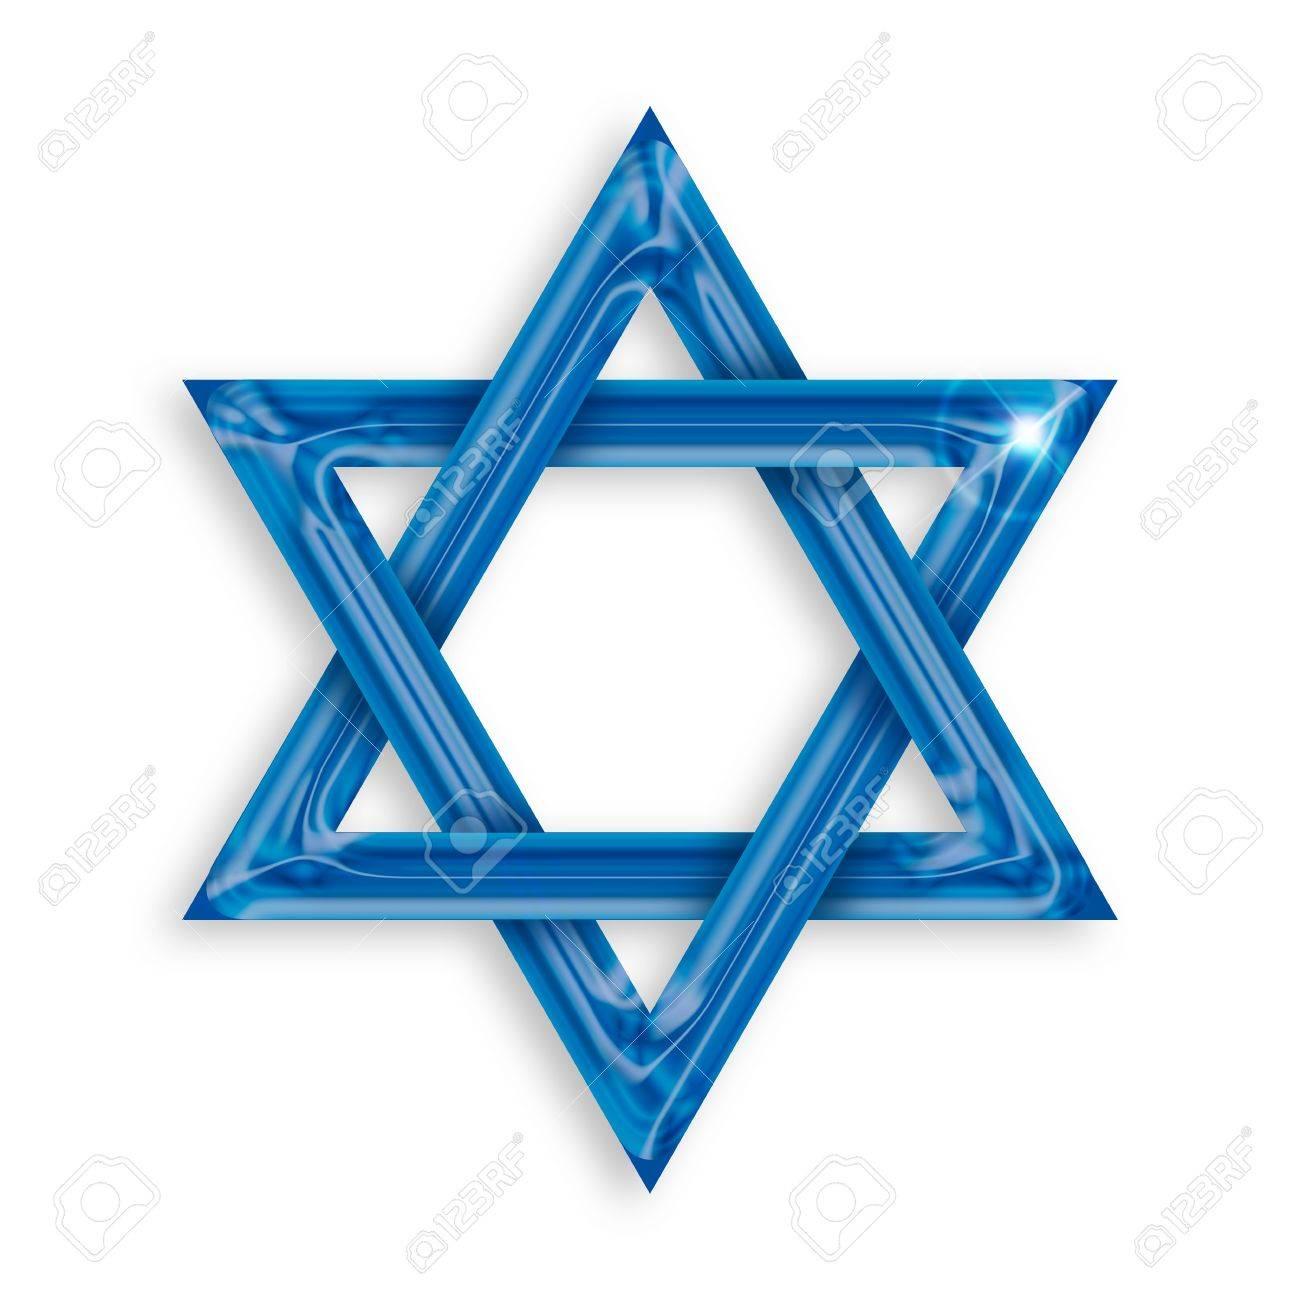 Illustration of blue hexagram on white background Stock Illustration - 16135073